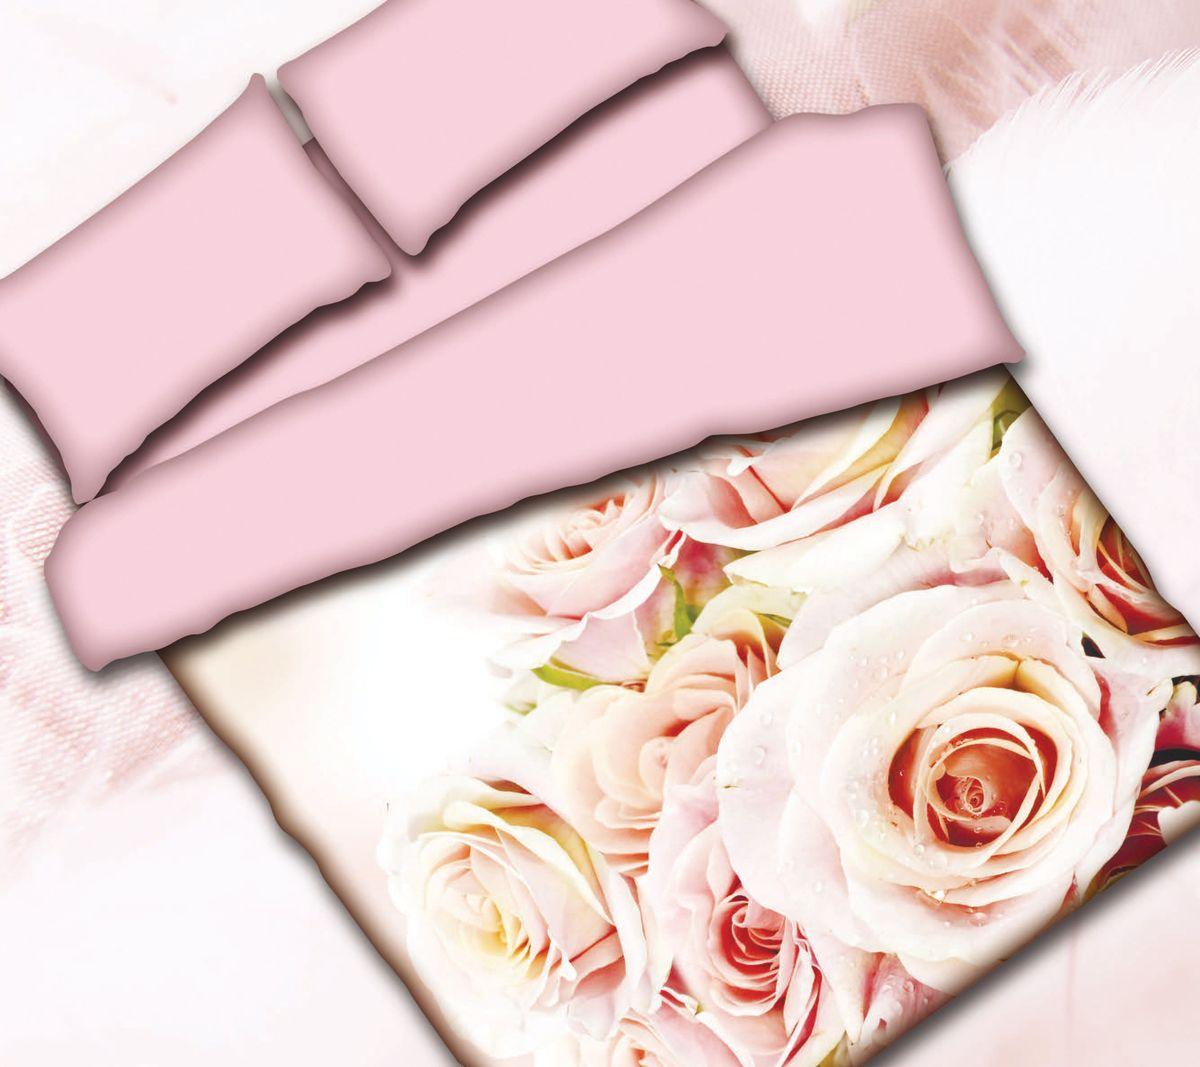 Комплект белья Коллекция Розы, 2-спальный, наволочки 70x70. СРП2/70/ОЗ/розыСРП2/70/ОЗ/розыКомплект постельного белья Коллекция прекрасно украсит любой интерьер. Выполнен из сатина. Сатин - это гладкая и прочная ткань, которая своим блеском, легкостью и гладкостью очень похожа на шелк. Ткань практически не мнется, поэтому его можно не гладить. Он практичен, так как хорошо переносит множественные стирки. Комплект включает в себя: простыню 220 х 224 см, пододеяльник 175 х 210 см,2 наволочки 70 х 70 см.